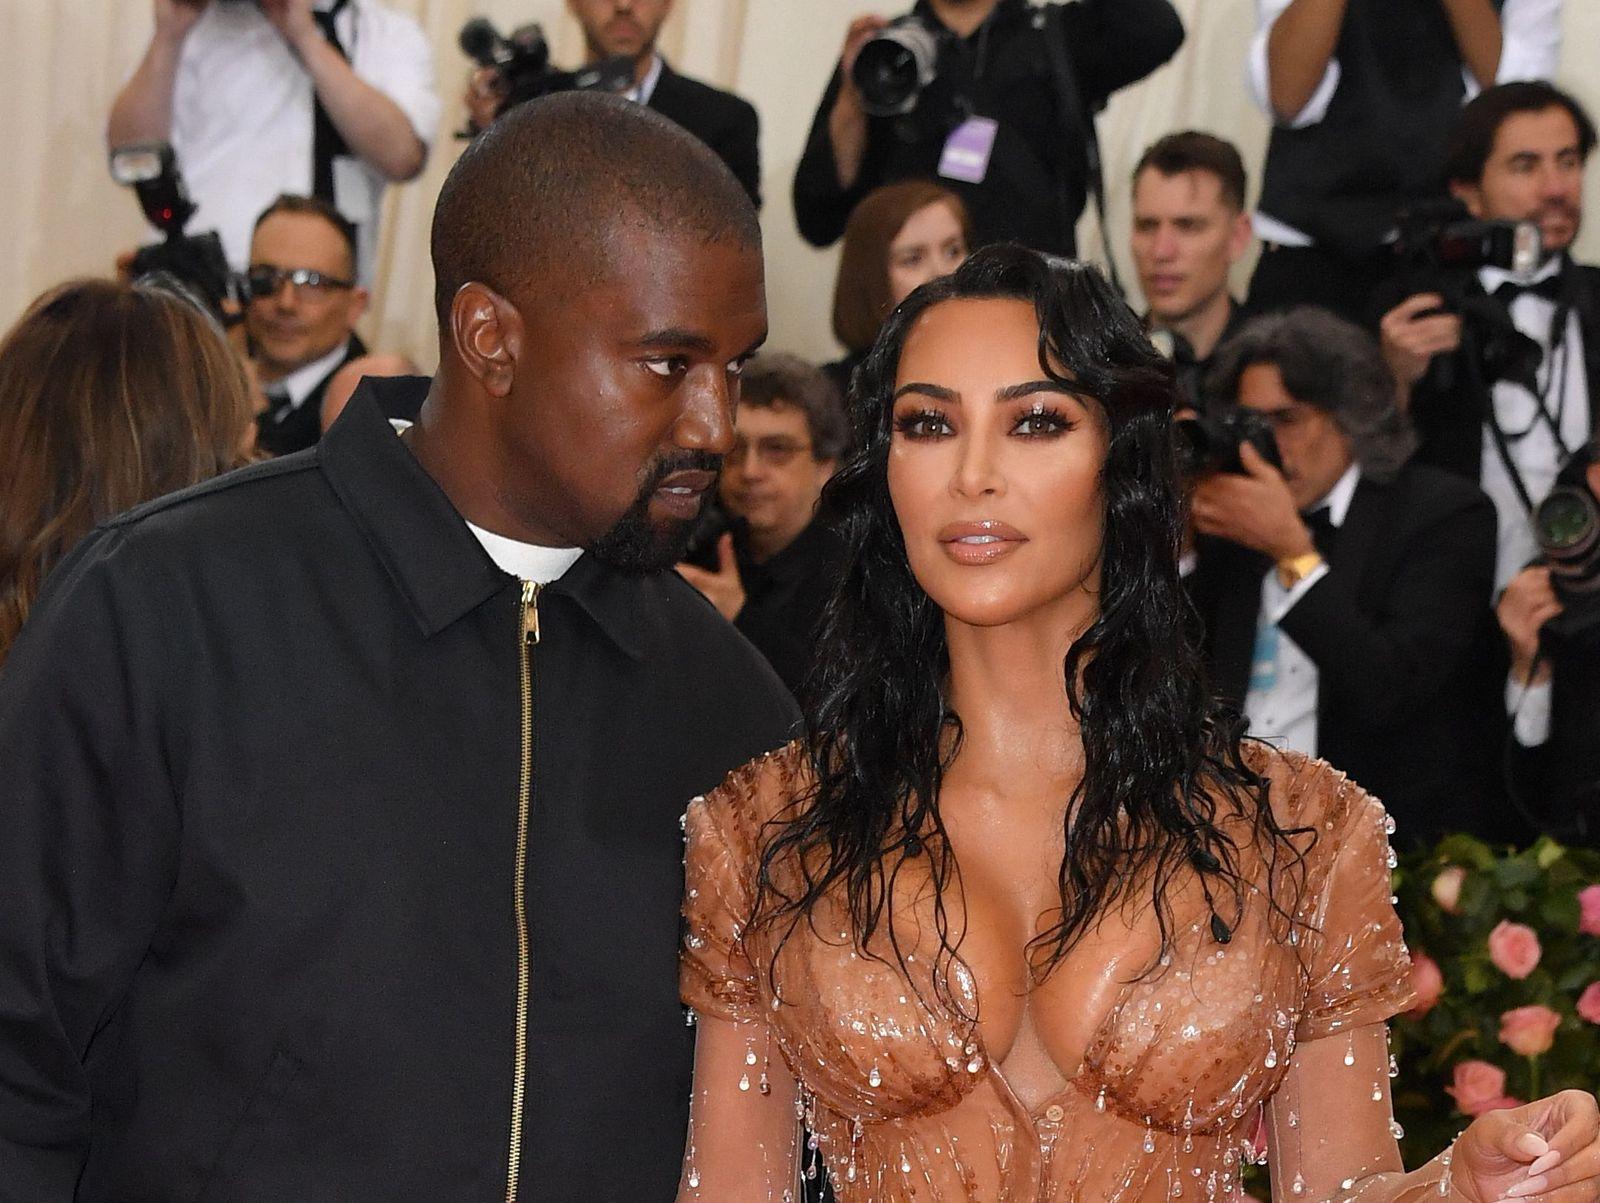 Kim Kardashian files for divorce from Kanye West: US media